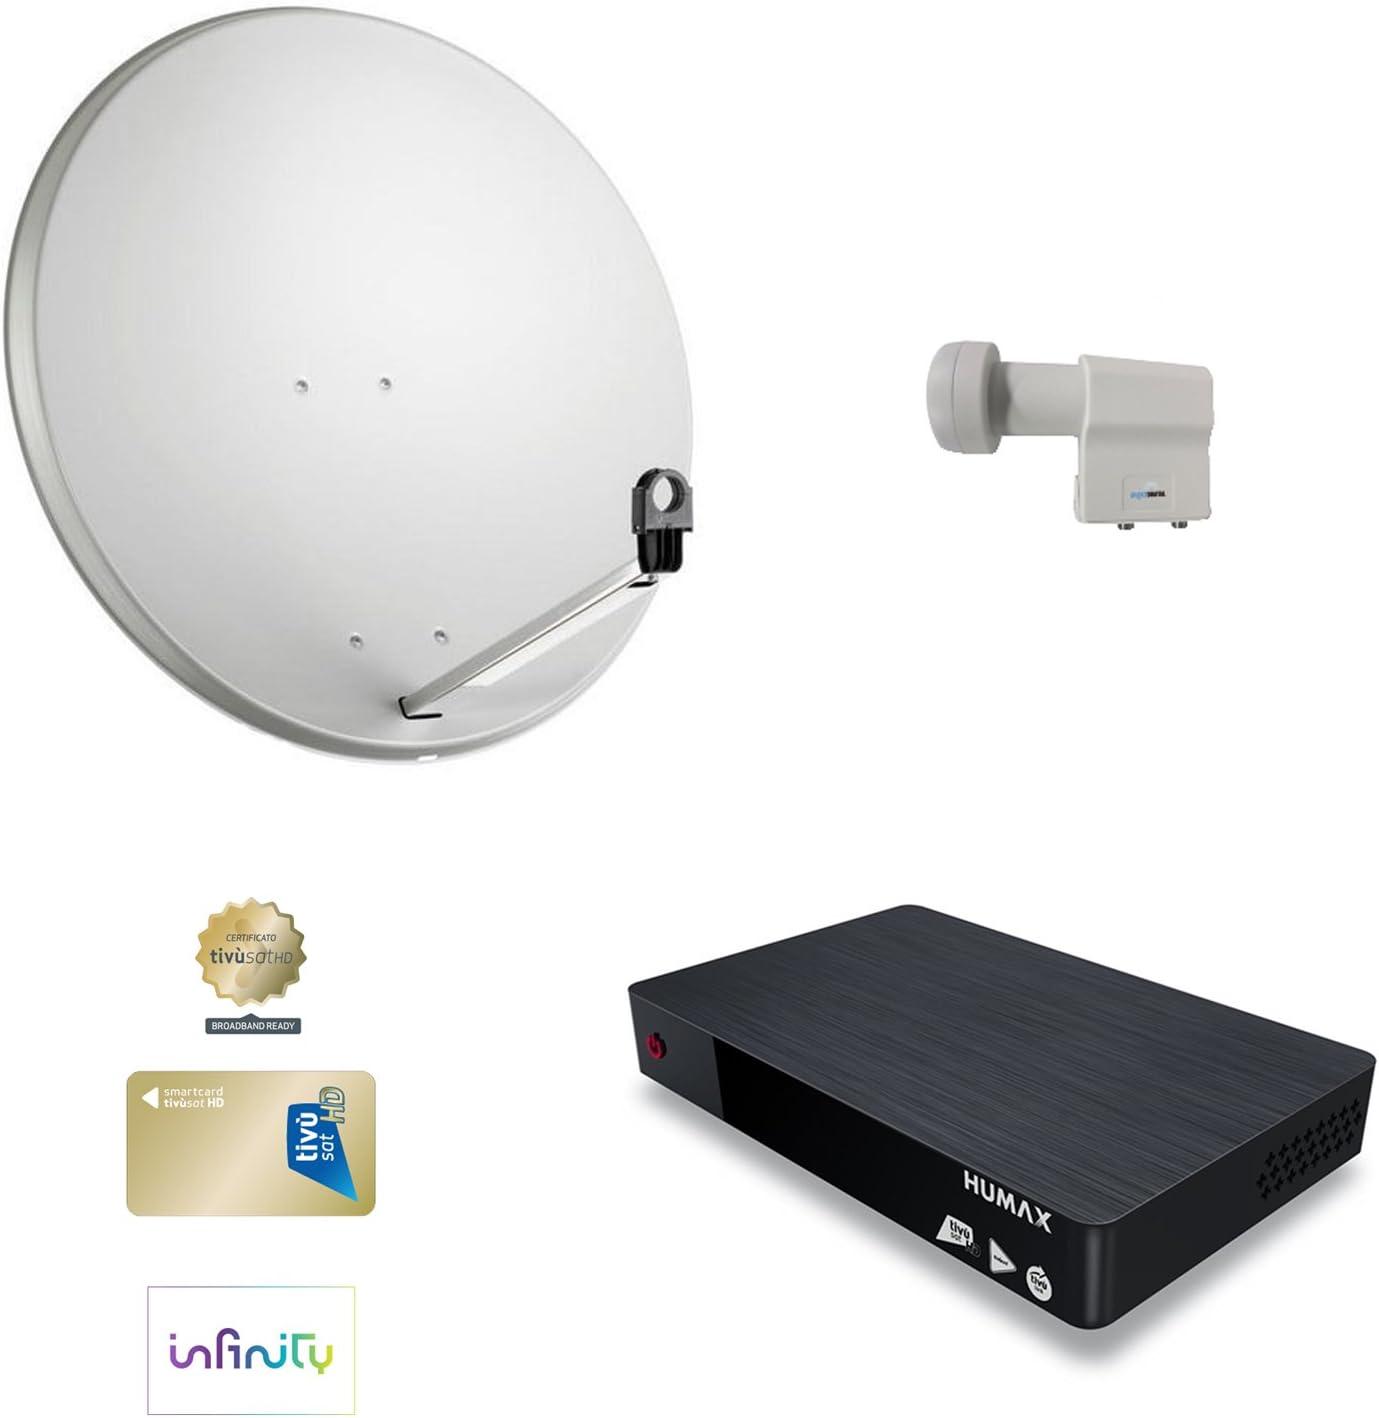 Kit Parabólica satélite 80 LNB TWIN doble Decoder Tivusat Uno Humax con tarjeta HD